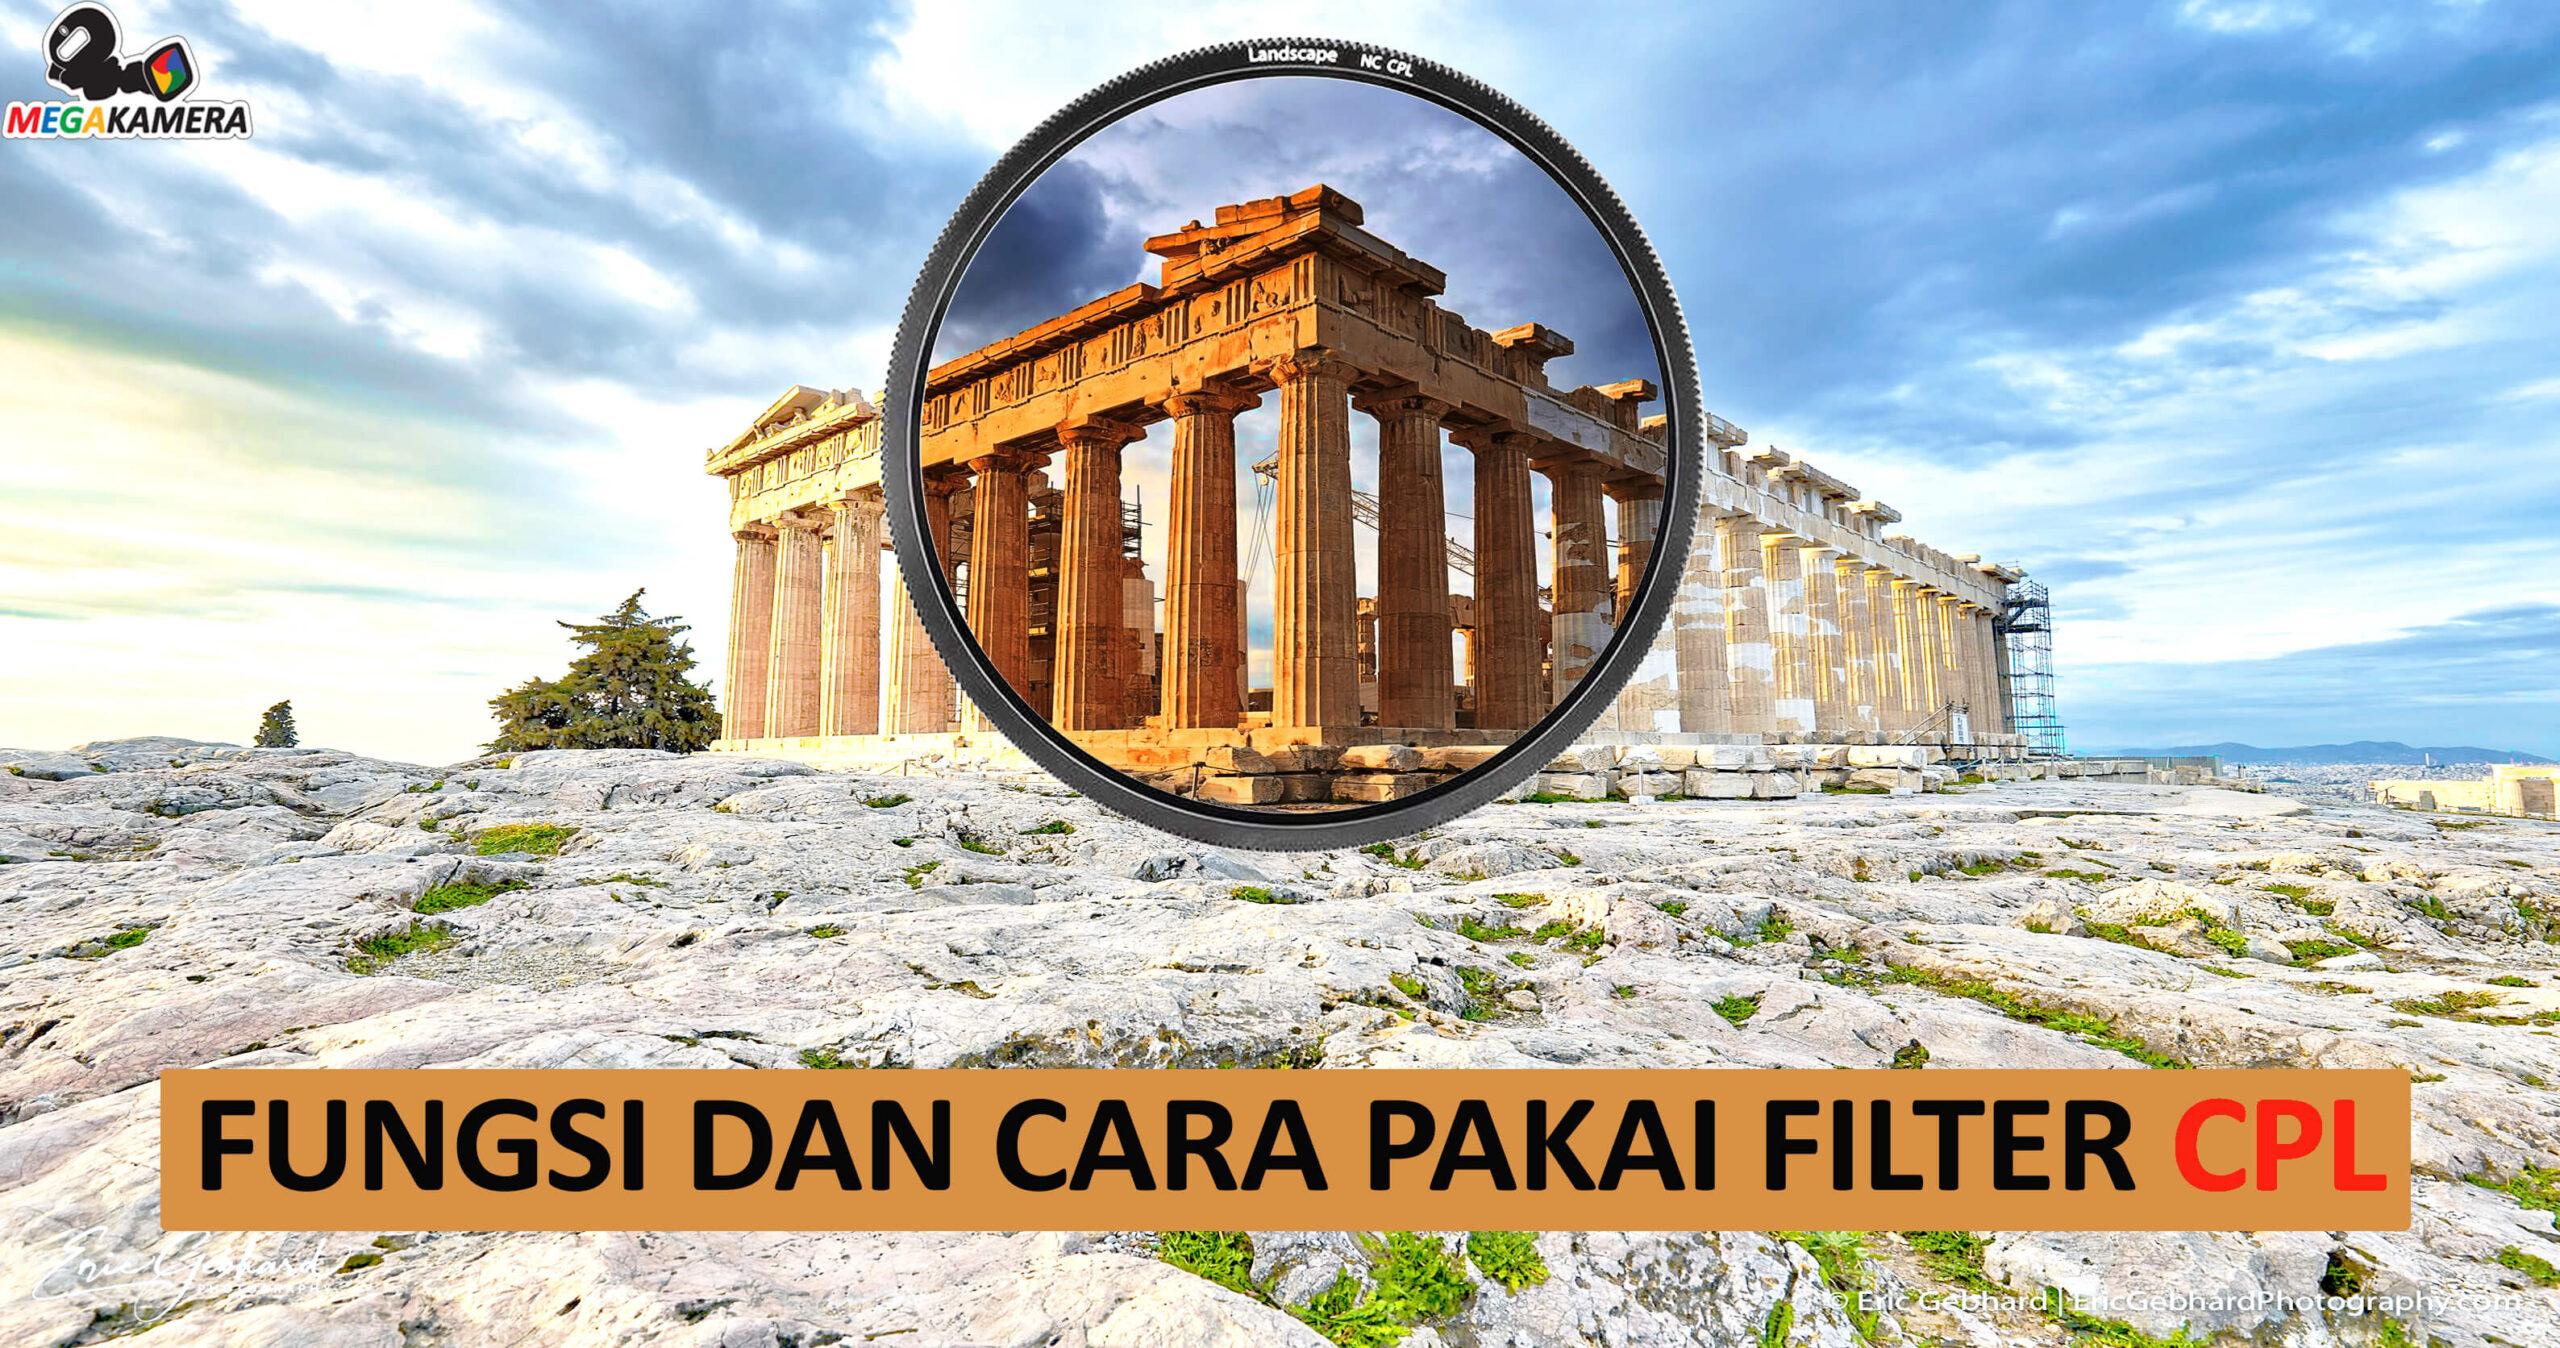 Fungsi dan Cara Memakai Filter CPL Di Kamera